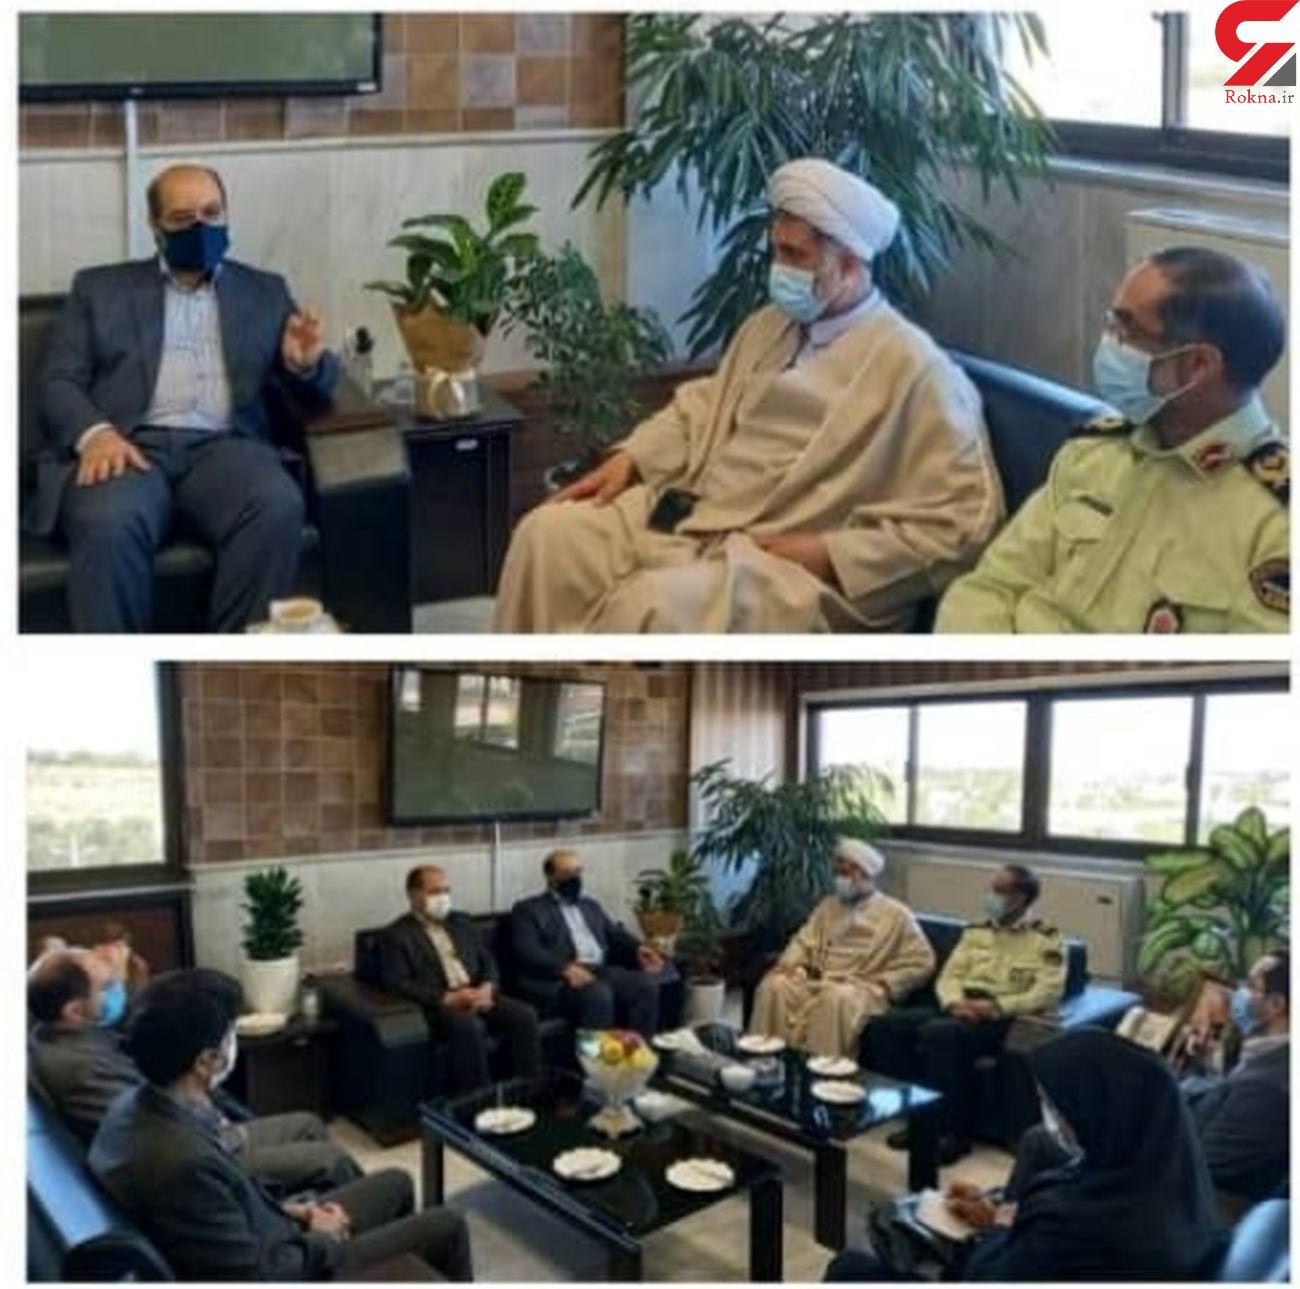 دیدار مدیر عامل شرکت اب منطقه ای با فرمانده انتظامی  به مناسبت هفته نیروی انتظامی